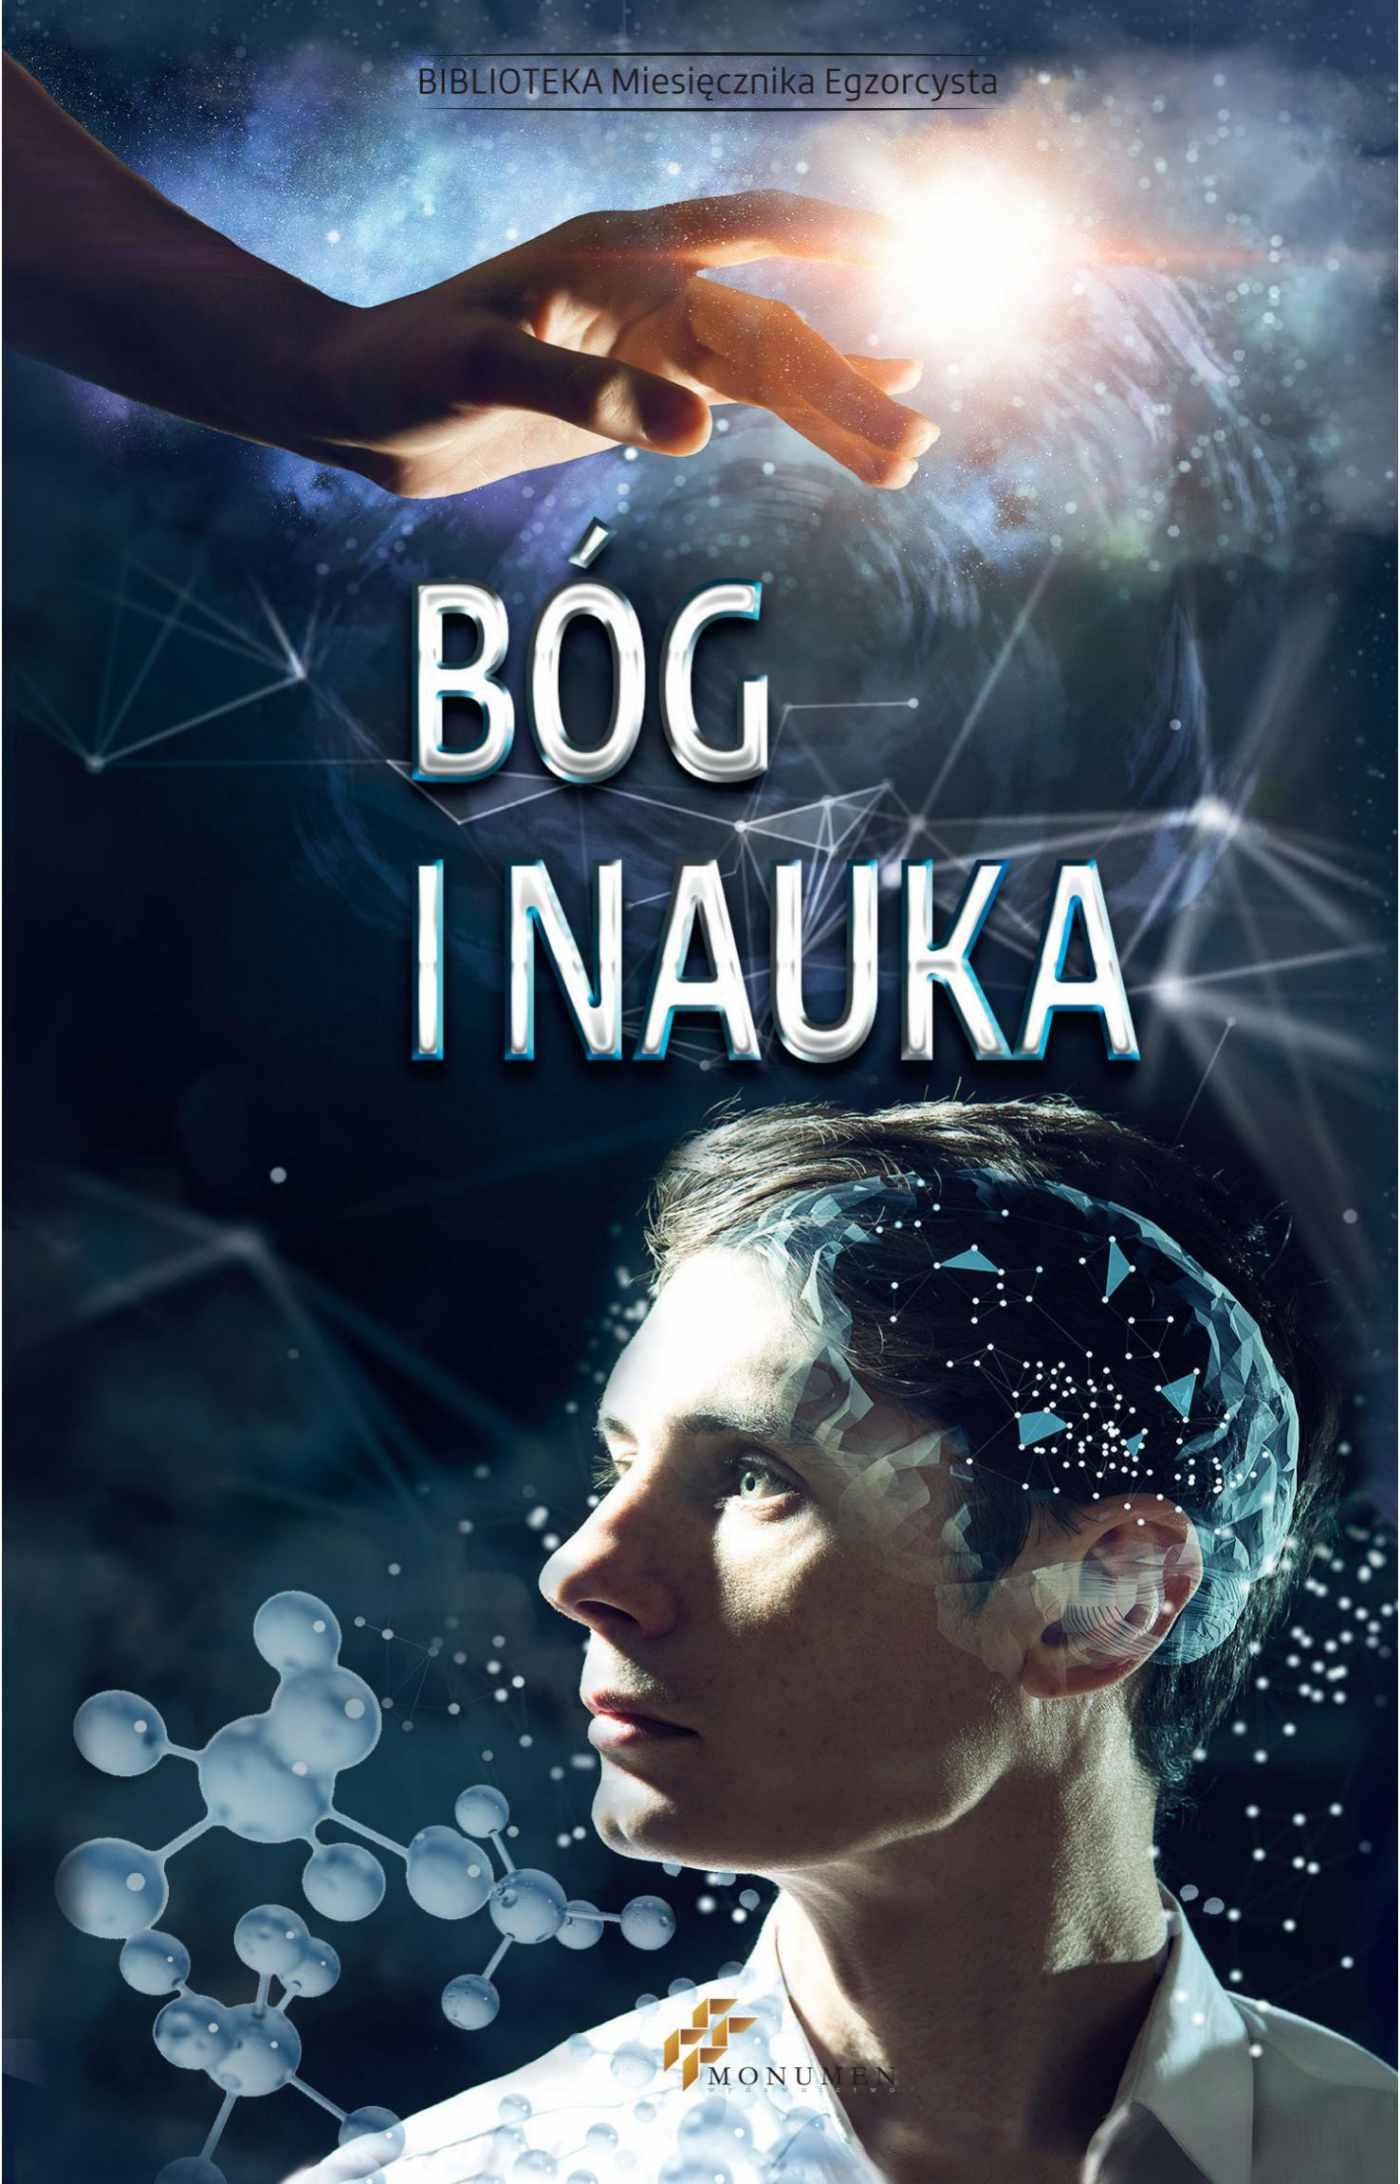 Bóg i nauka - Ebook (Książka EPUB) do pobrania w formacie EPUB